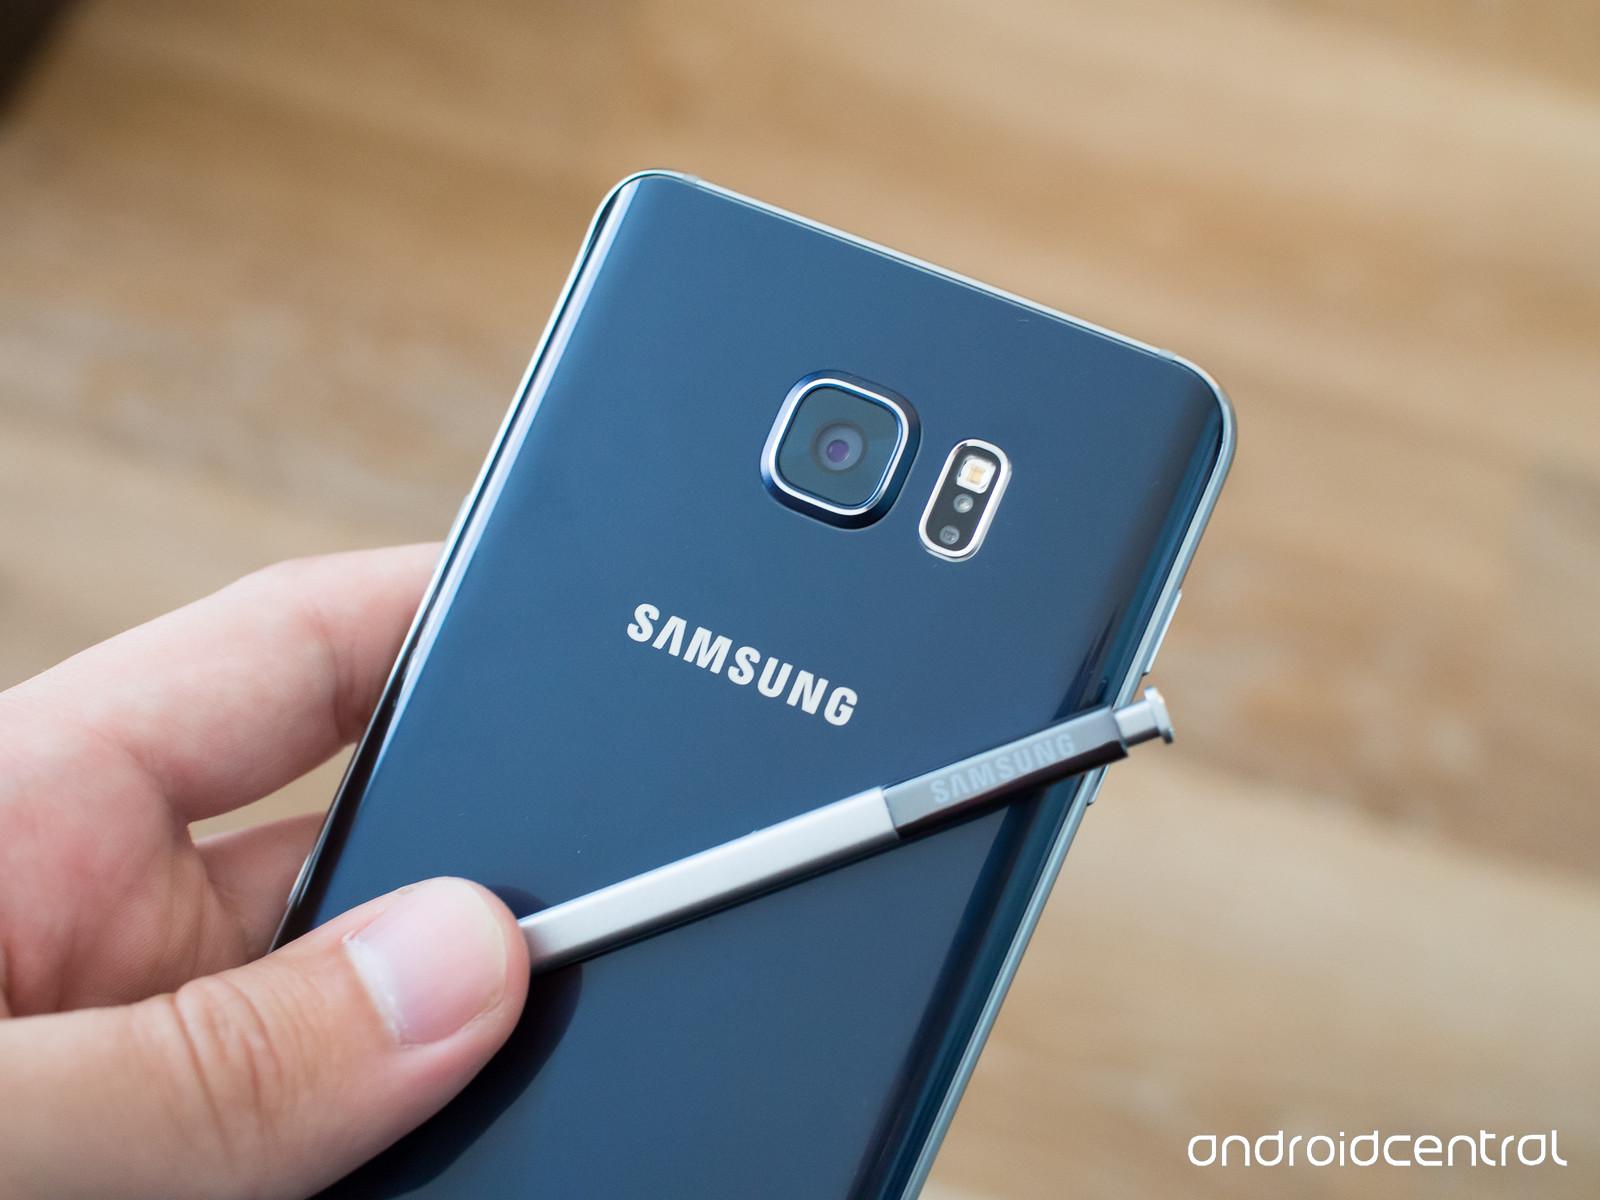 galaxy-note-5-blue-back-s-pen